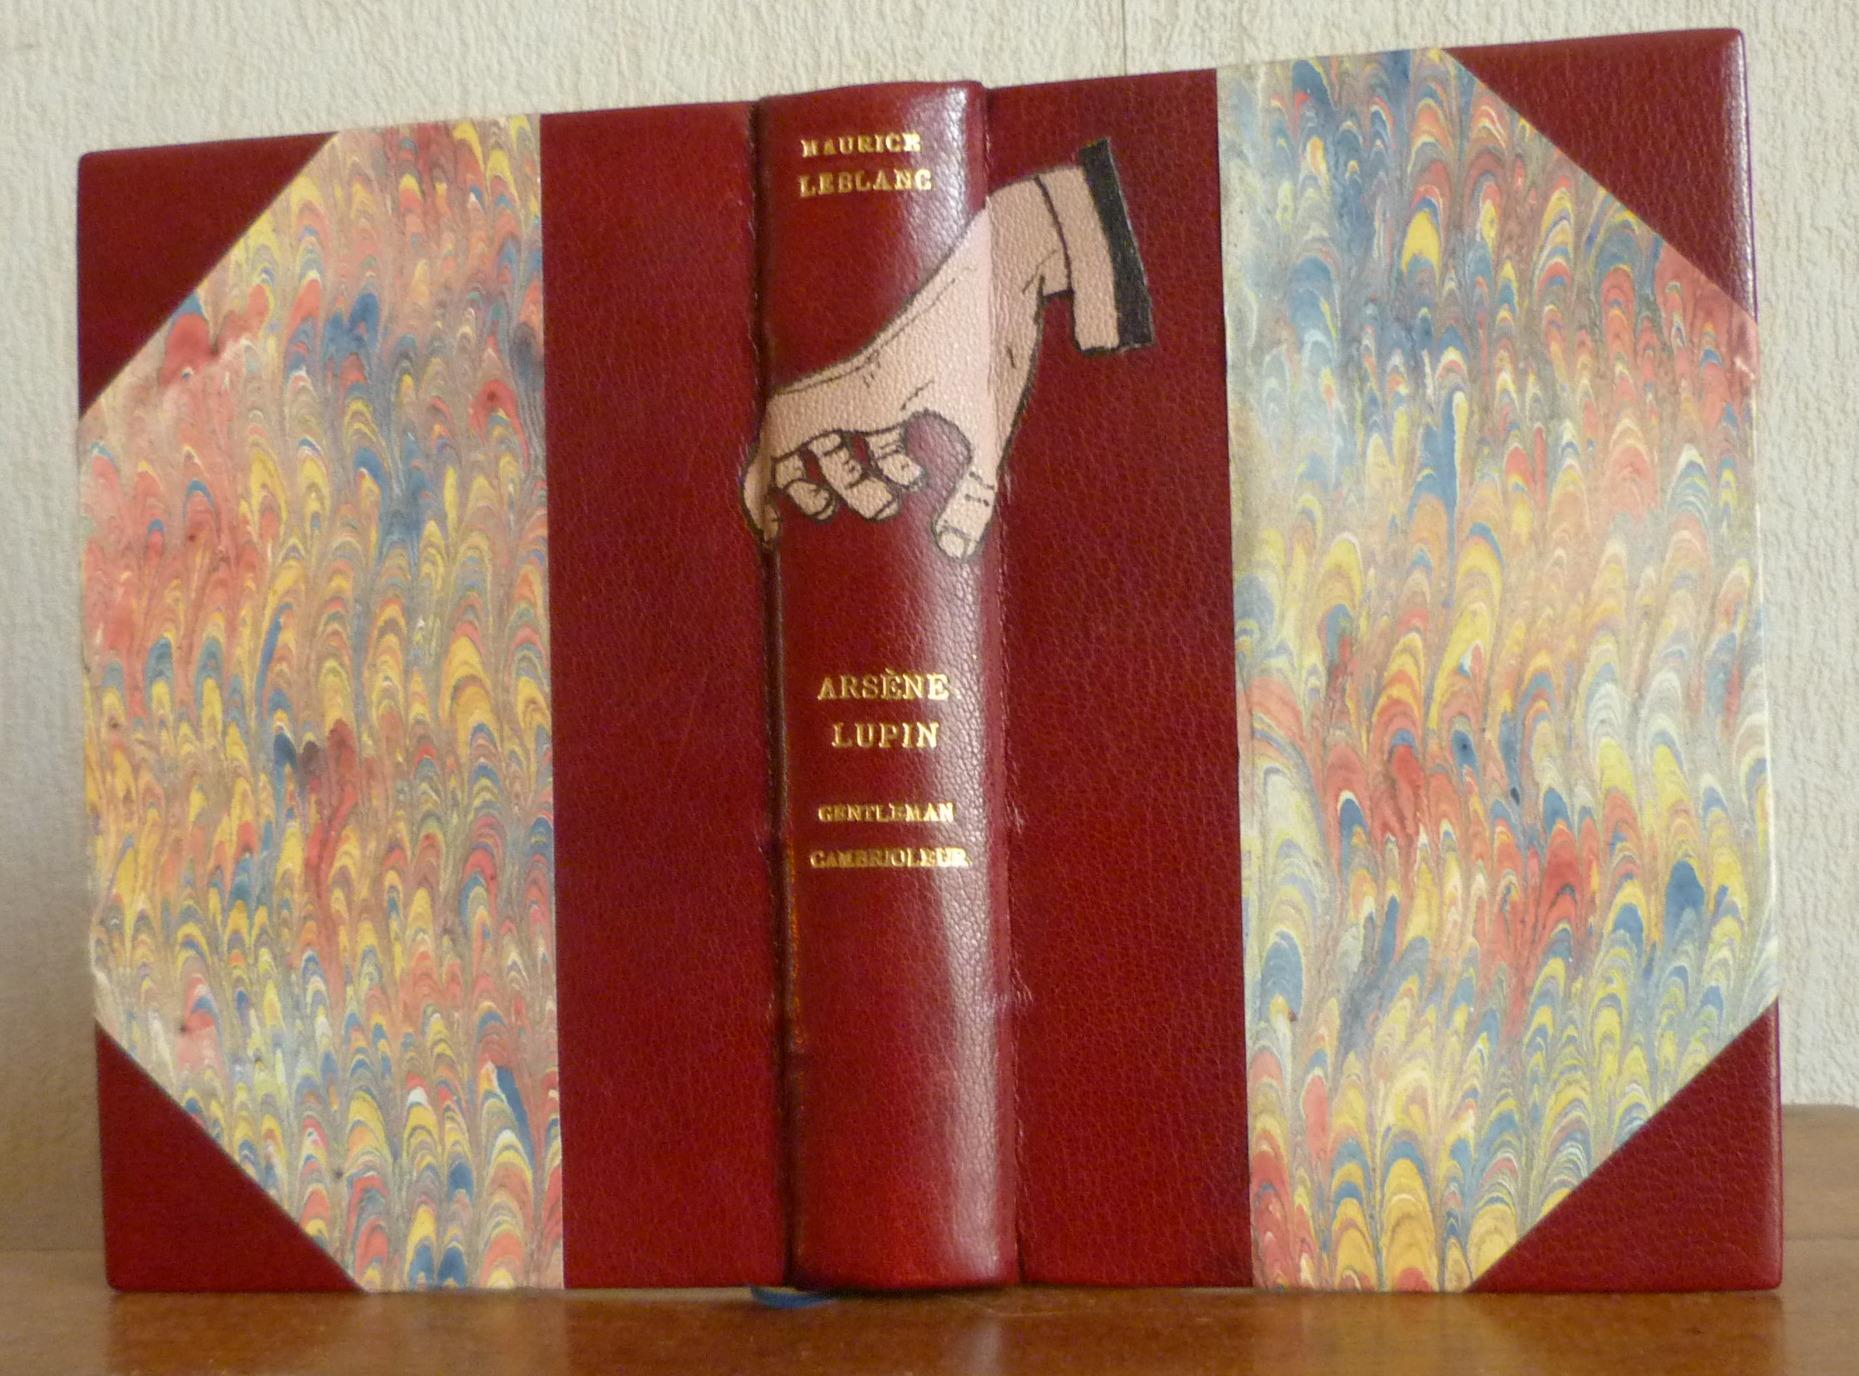 Demi-cuir à coins bordeaux, mosaïques sur le dos du livre reprenant une partie de la couverture du livre